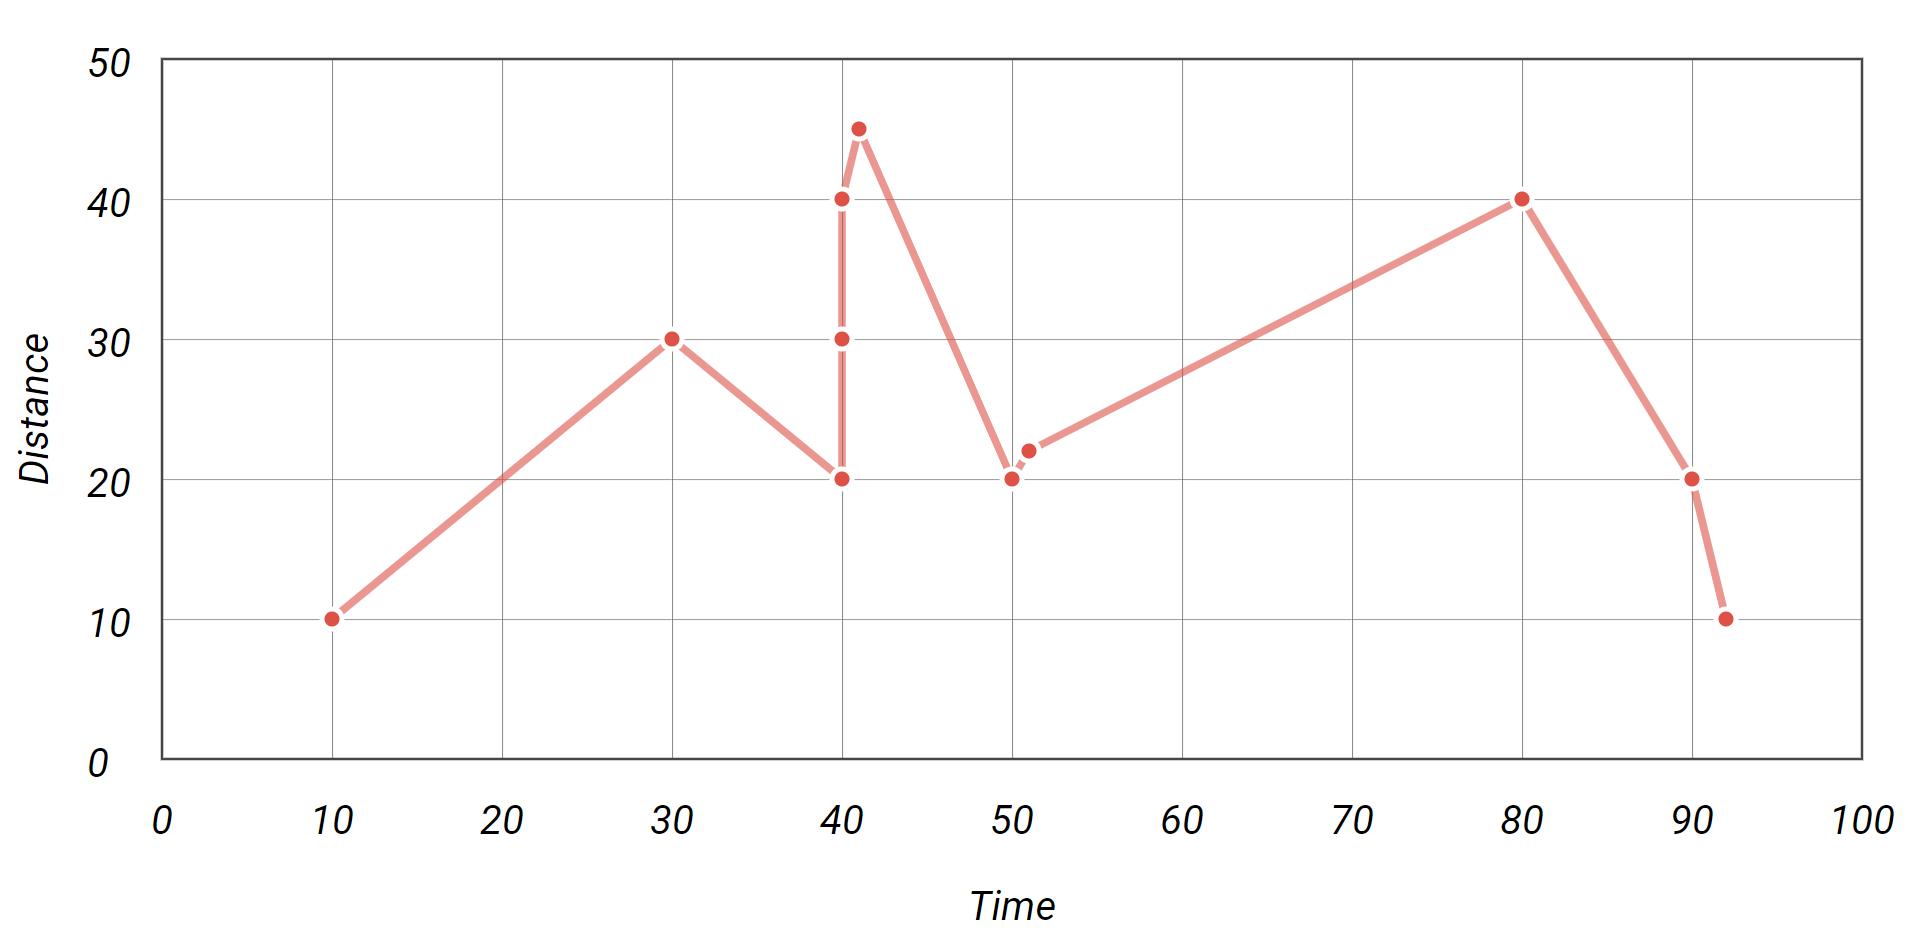 ngx-beautiful-charts - npm